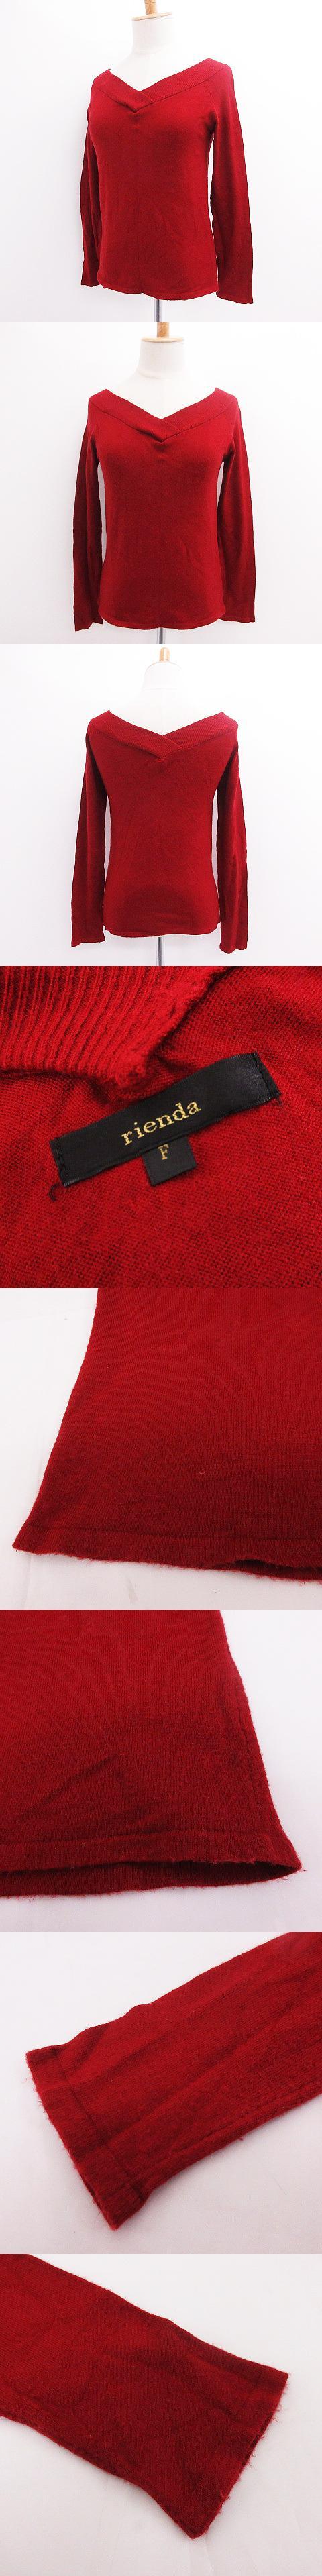 ニット セーター 深Vネック シンプル ベーシック レッド 赤 FREE